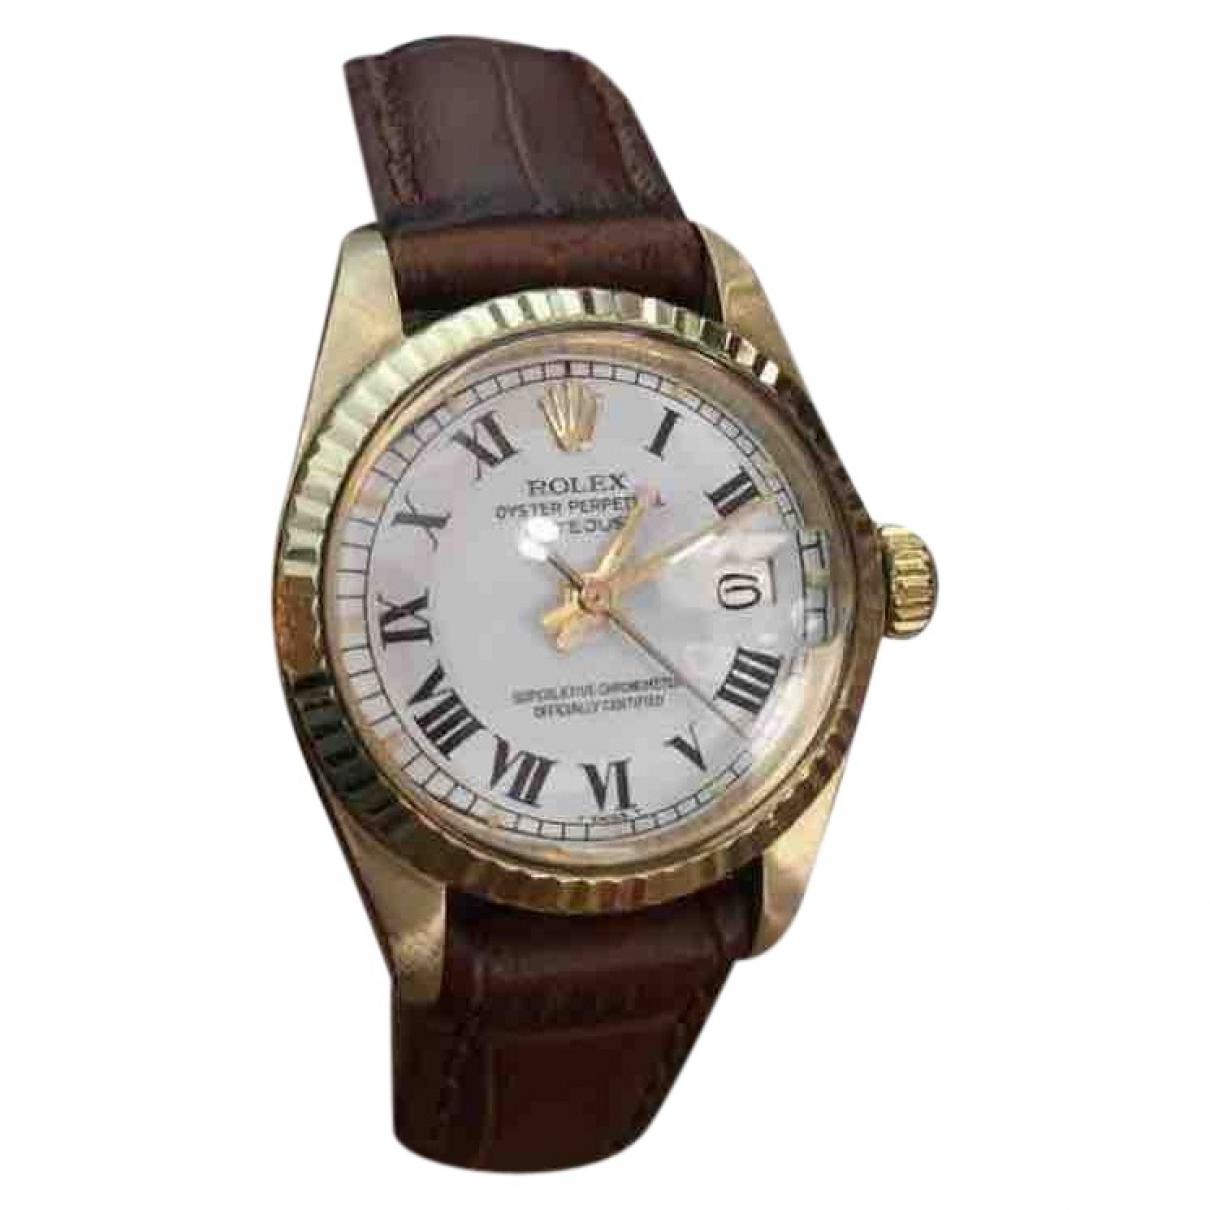 Rolex Lady DateJust 26mm Uhr in  Weiss Gelbgold